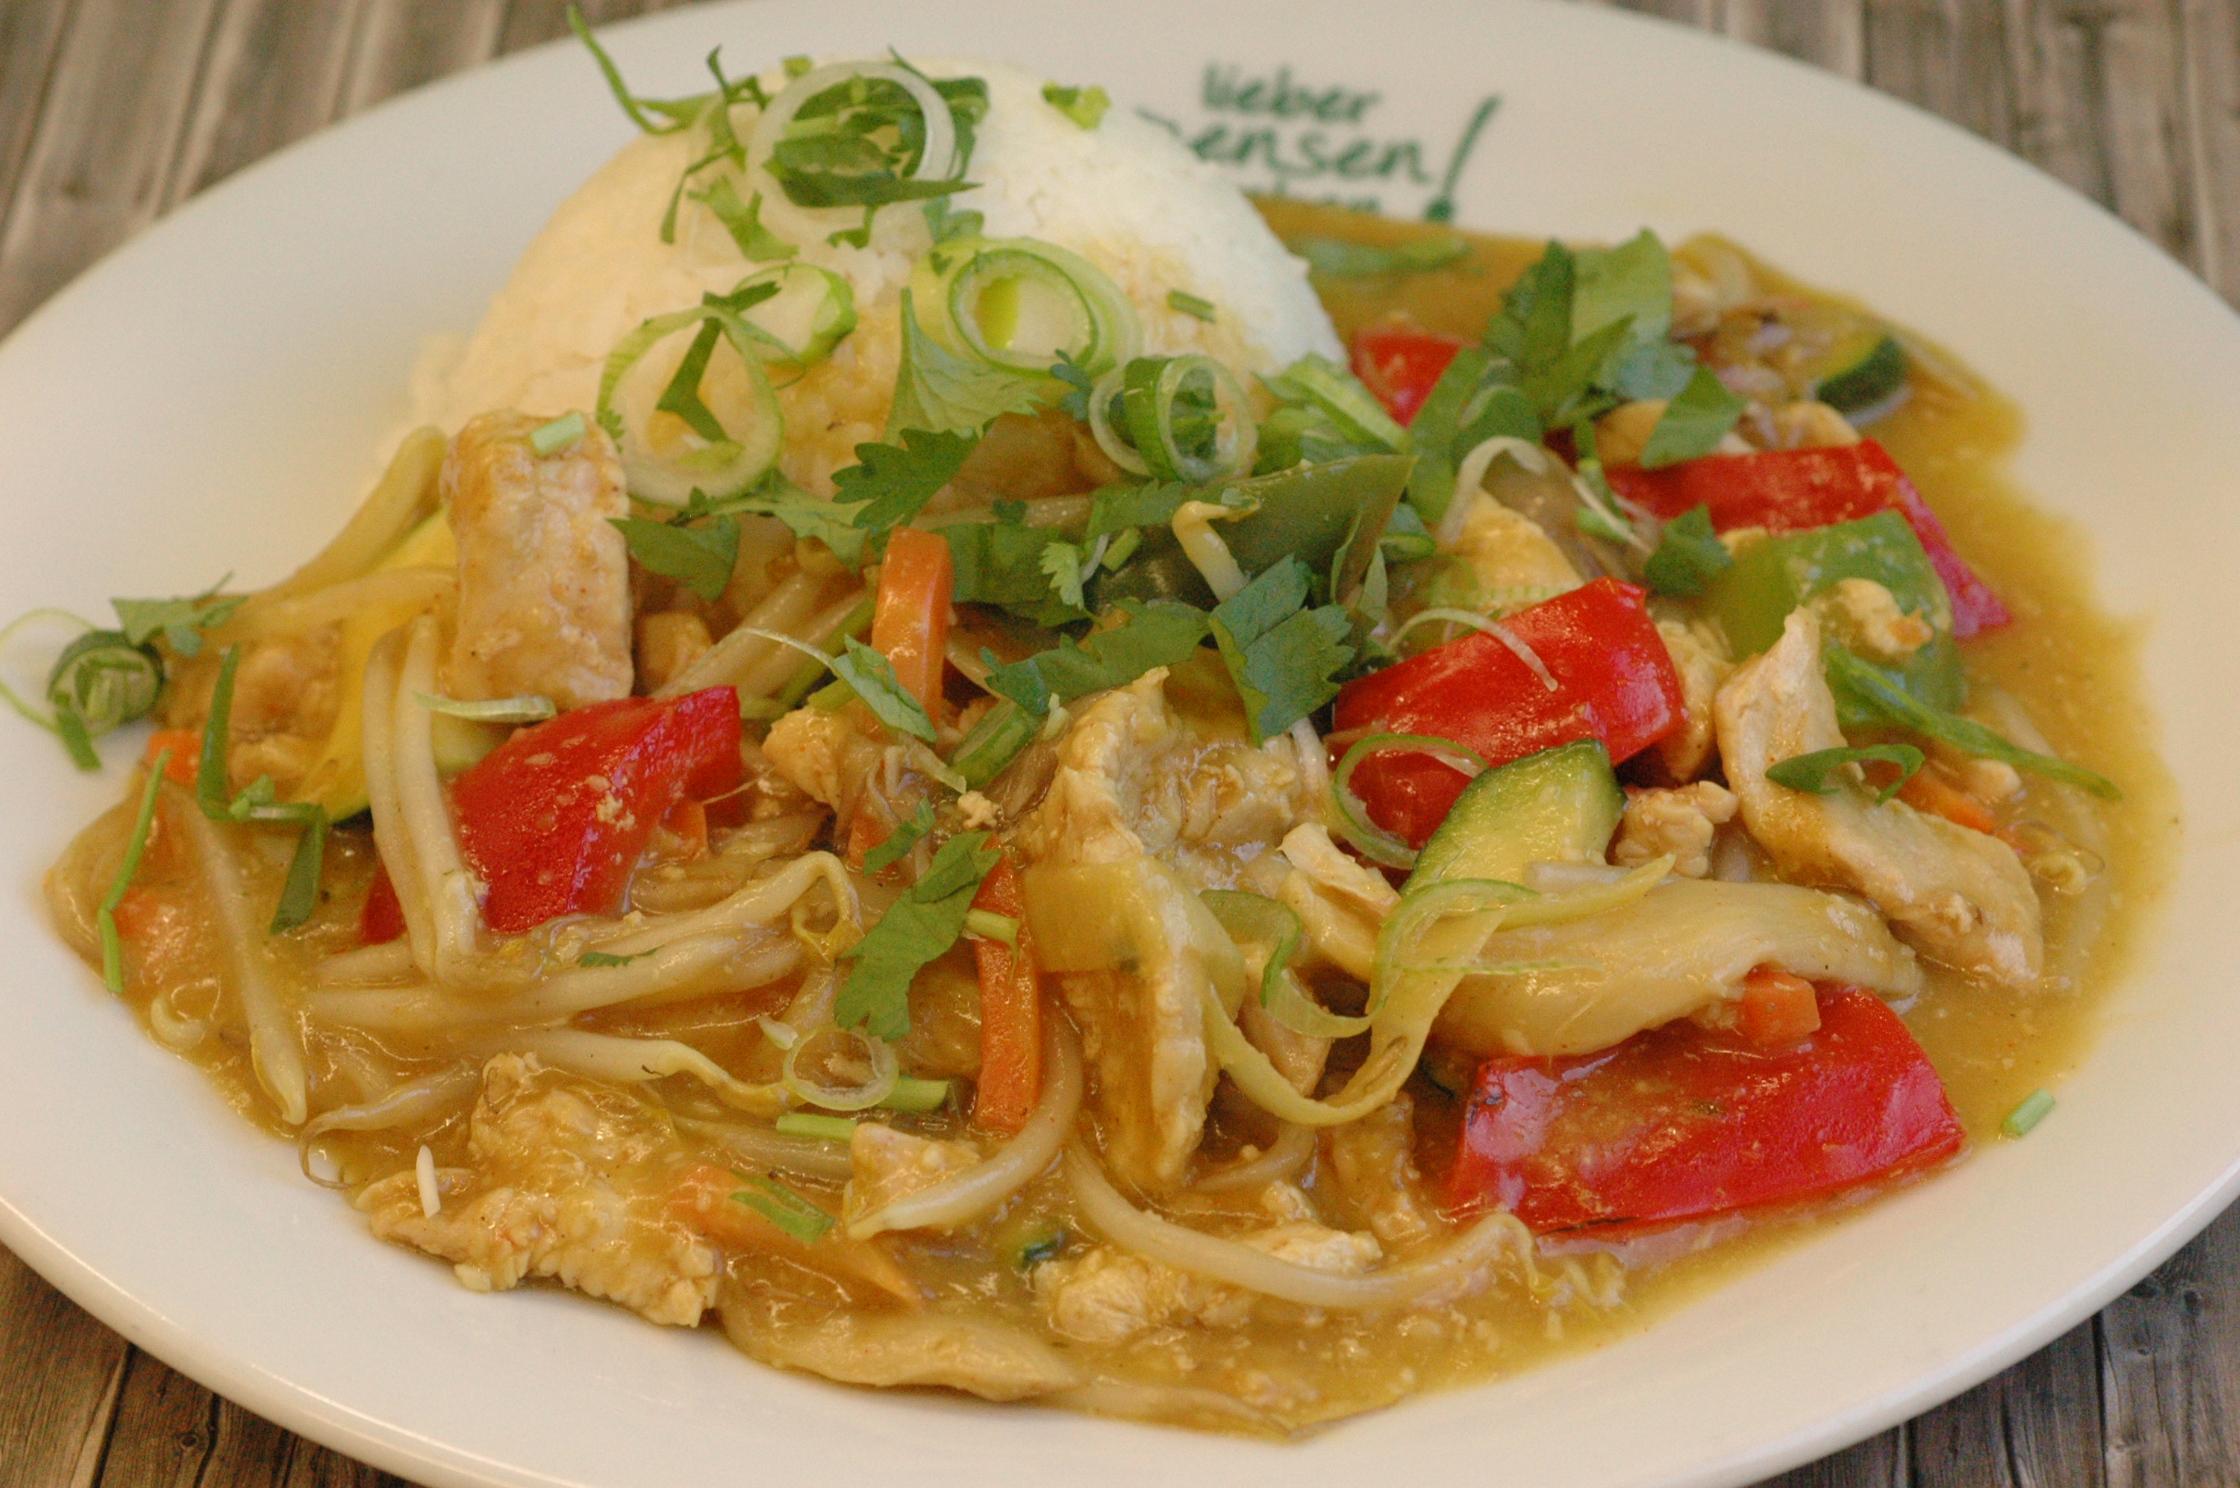 GA T XAO CARI VANG, Putenbrust mit Kokosmilch, Austernpilzen und Maiskölbchen, dazu Thaireis